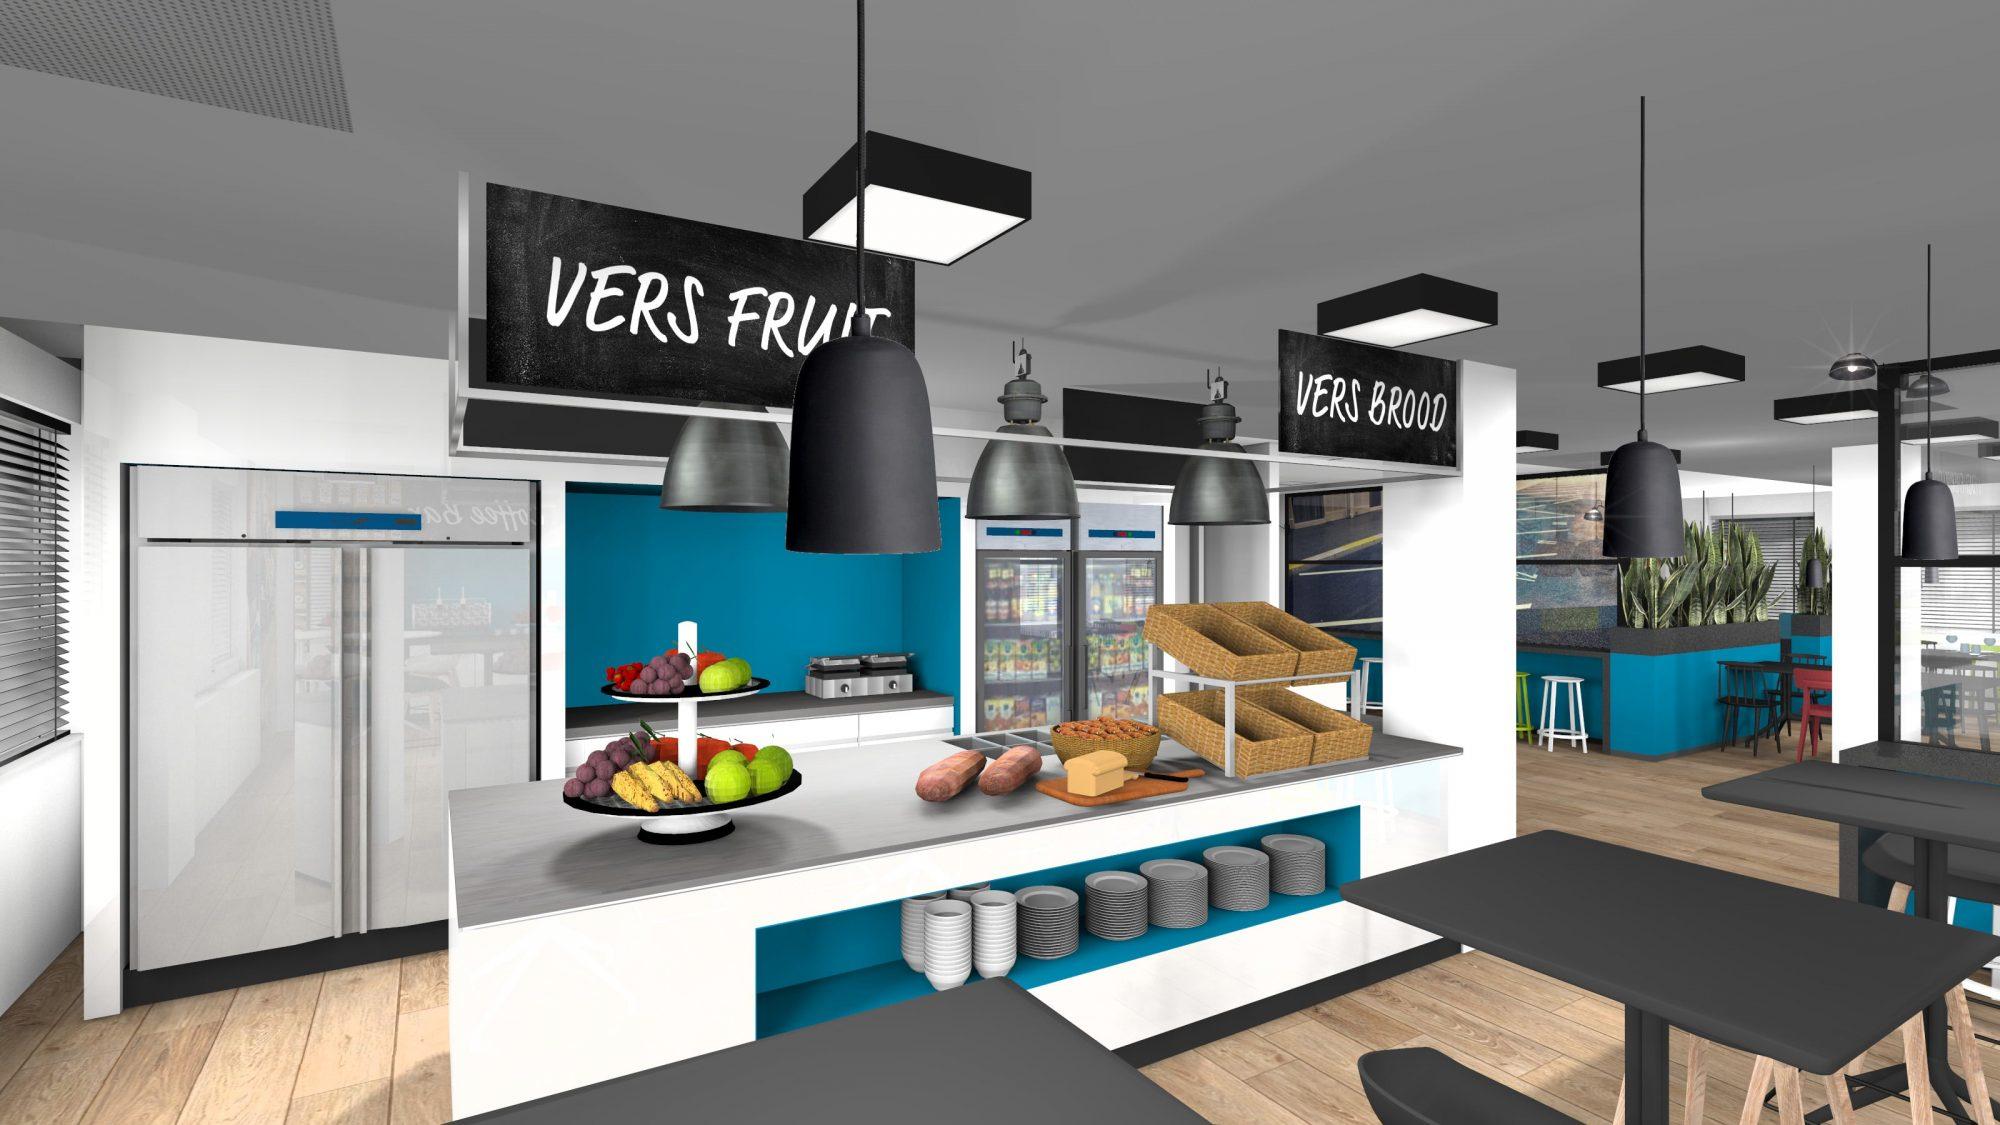 ontwerp bedrijfsrestaurant 3D visualisatie artist impresion